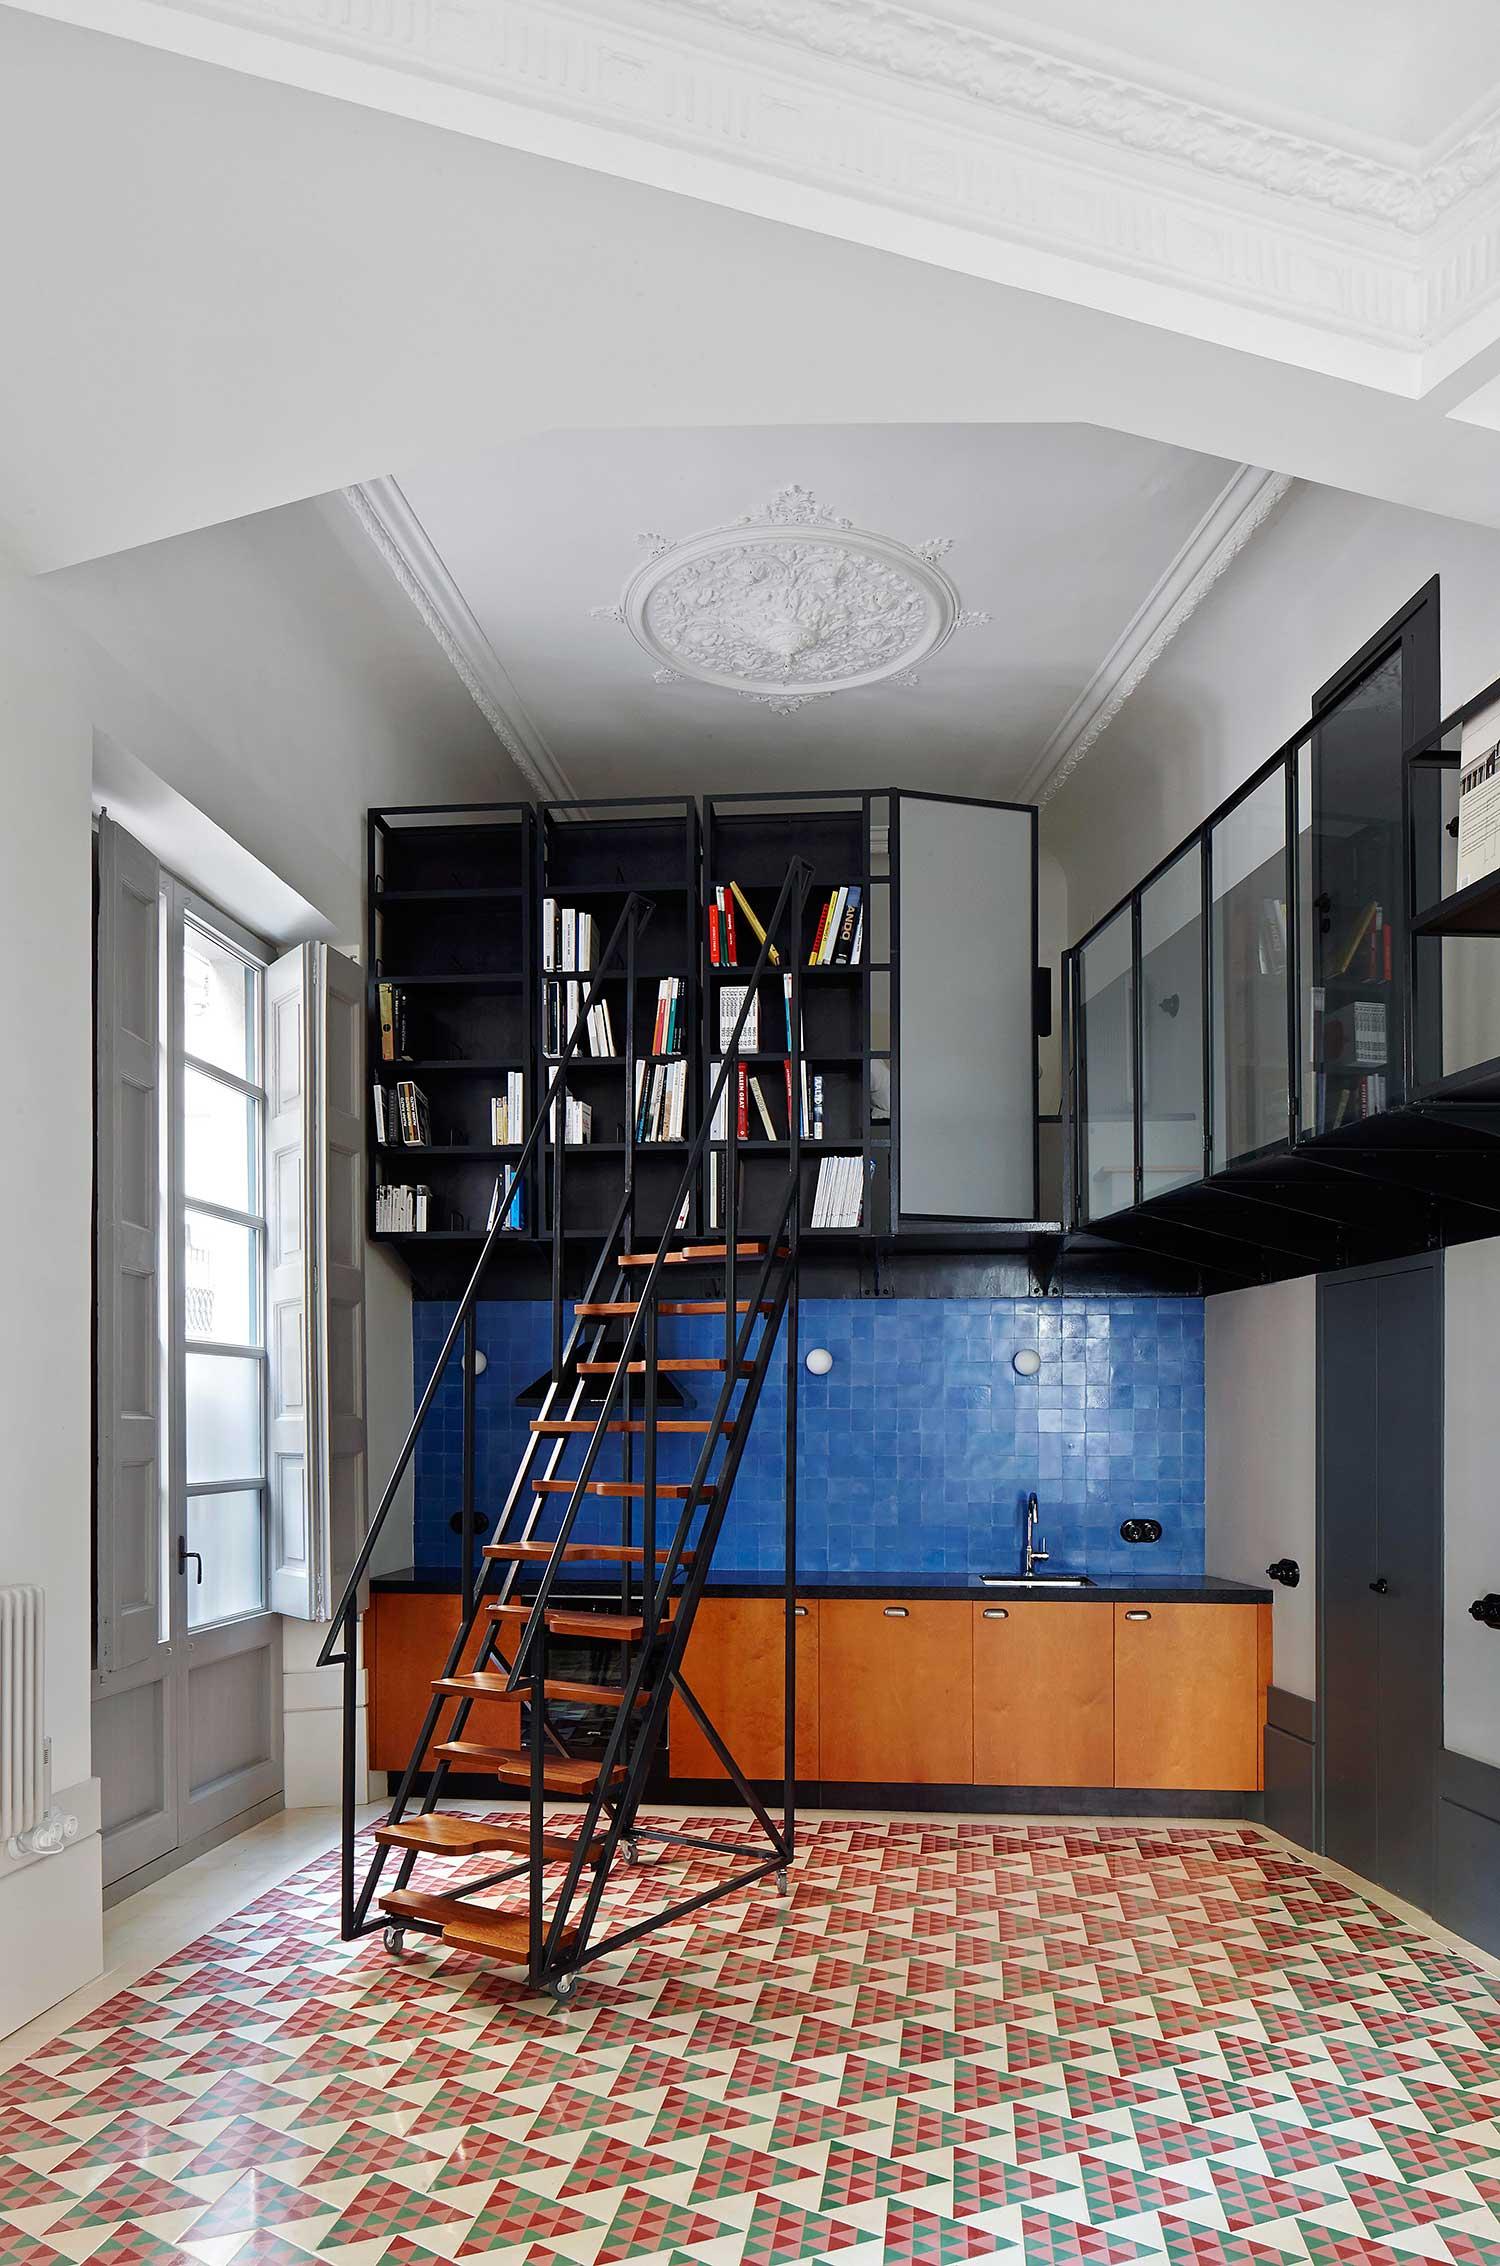 Carrer-Avinyo-Barcelona-Apartment-by-David-Kohn-Architects-Yellowtrace-03